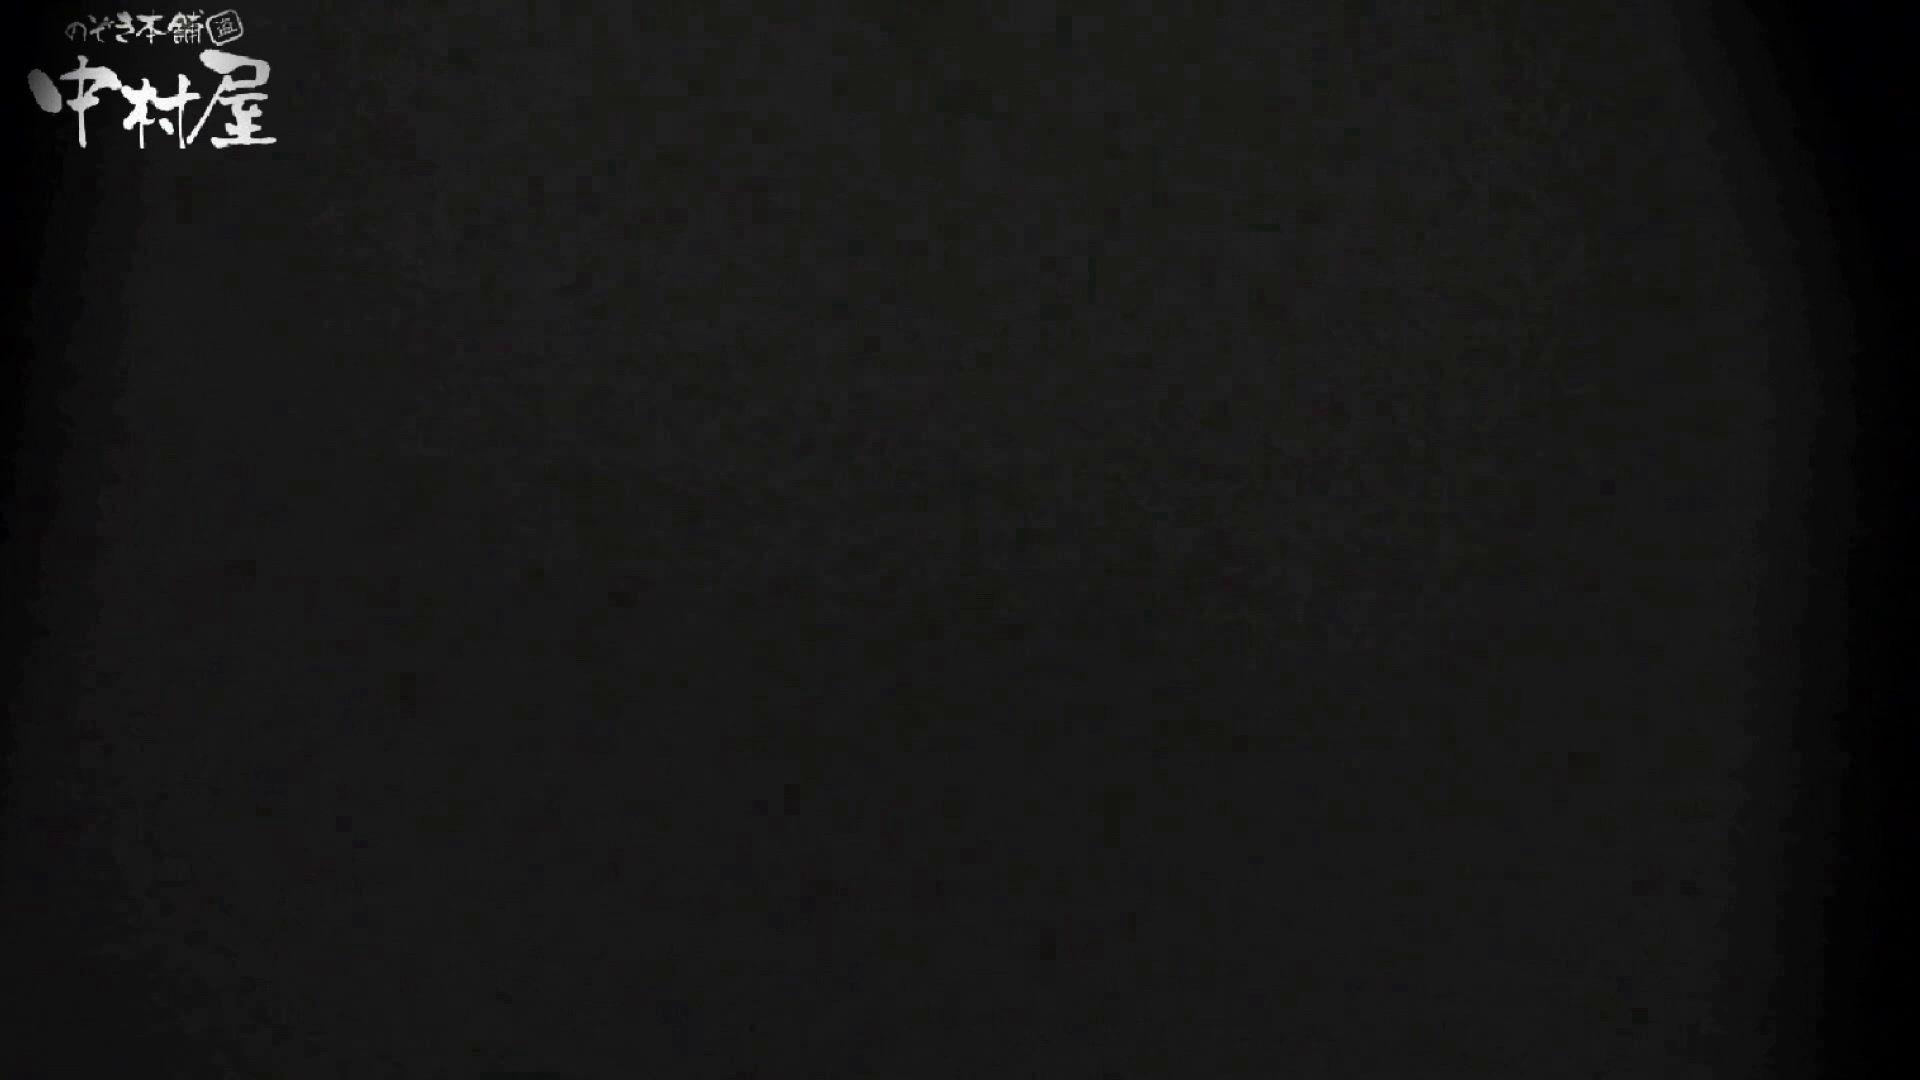 世界の射窓から~ステーション編~vol46 美女のアップが盛りだくさん。後編 美女 | HなOL  61pic 7